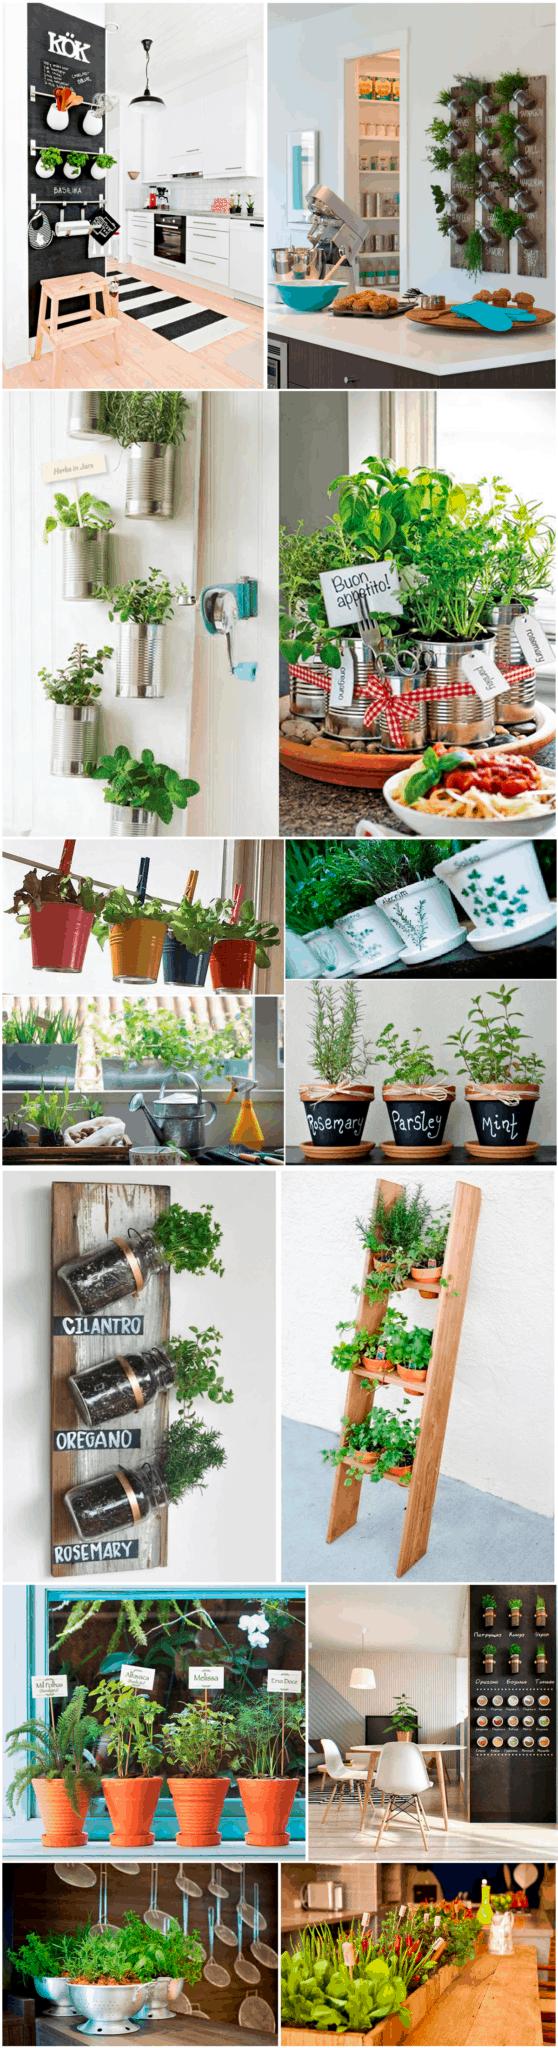 jardim-dos-sonhos-decorar-com-charme-horta-cozinha